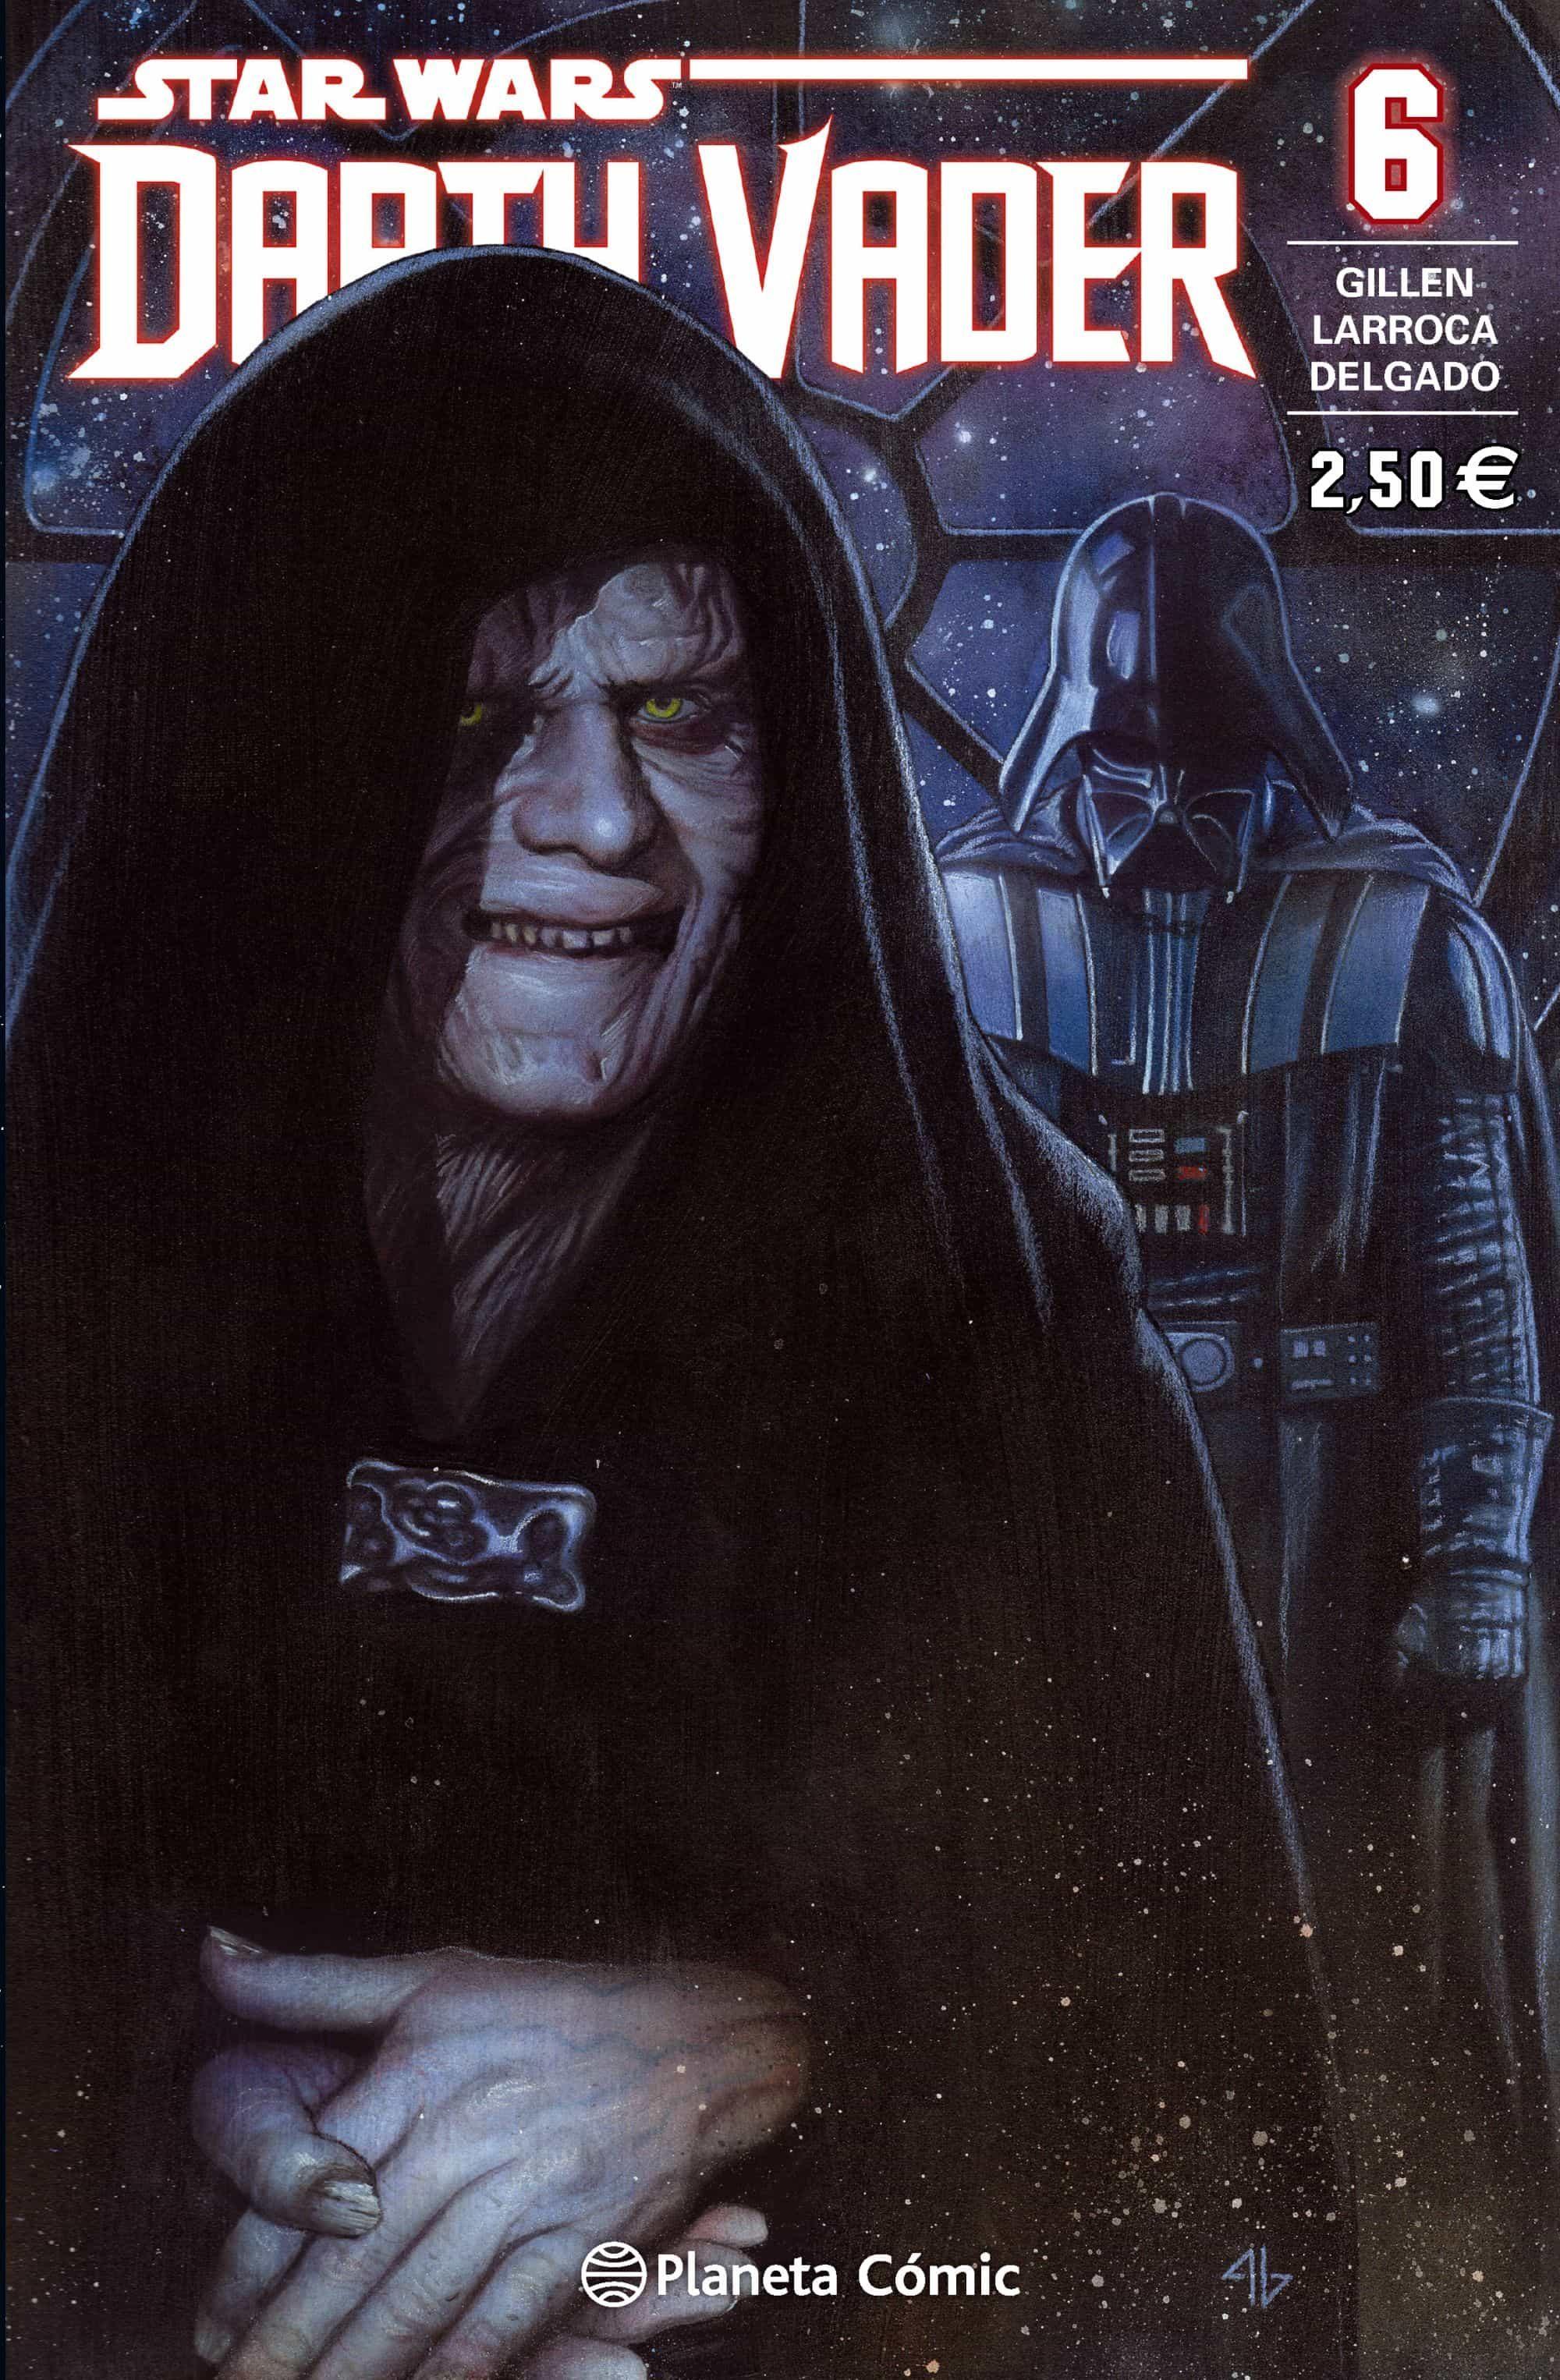 star wars darth vader 6-salvador larroca-kieron gillen-9788416308439